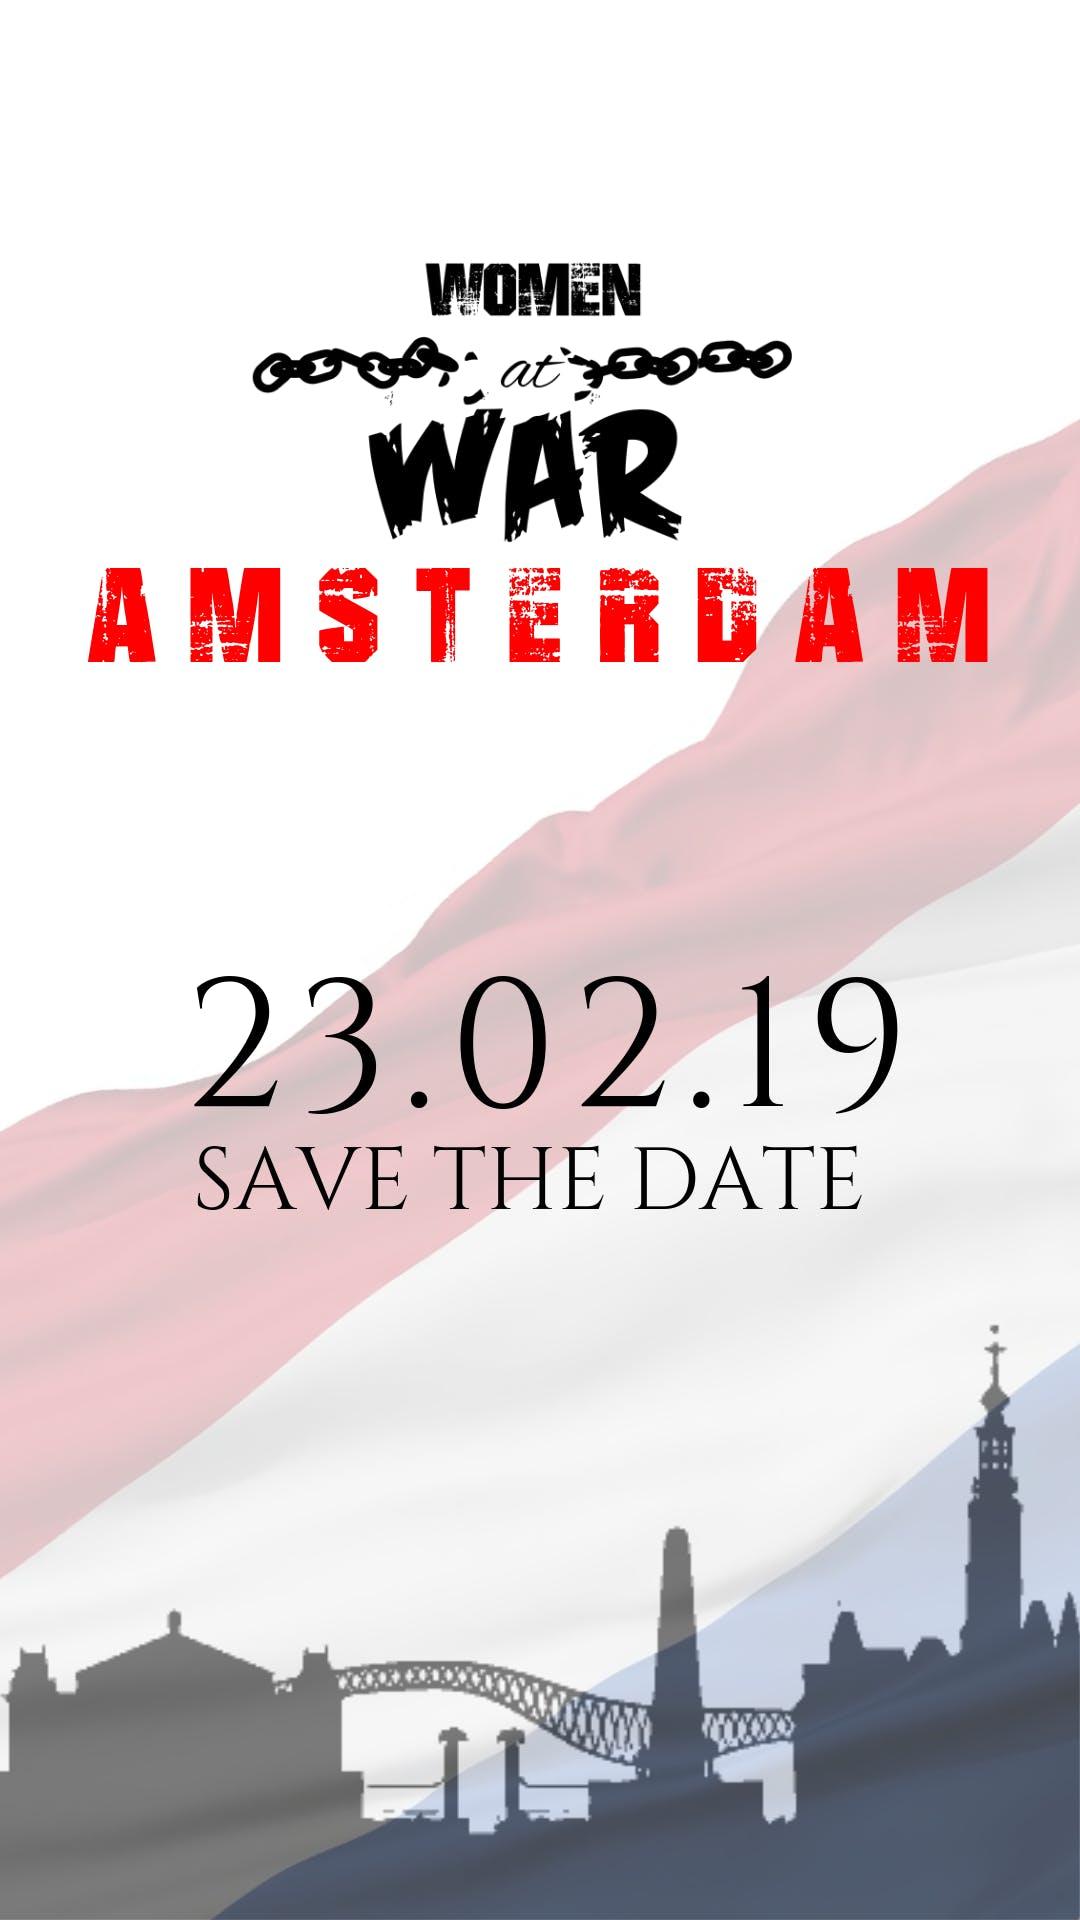 WOMEN AT WAR - AMSTERDAM